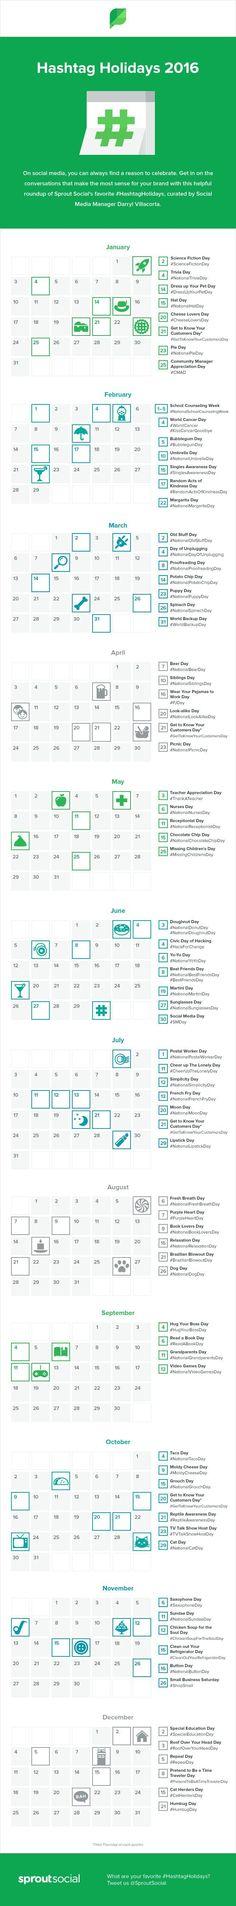 Hashtag Holidays 2016 Calendar #Infographic #SocialMedia